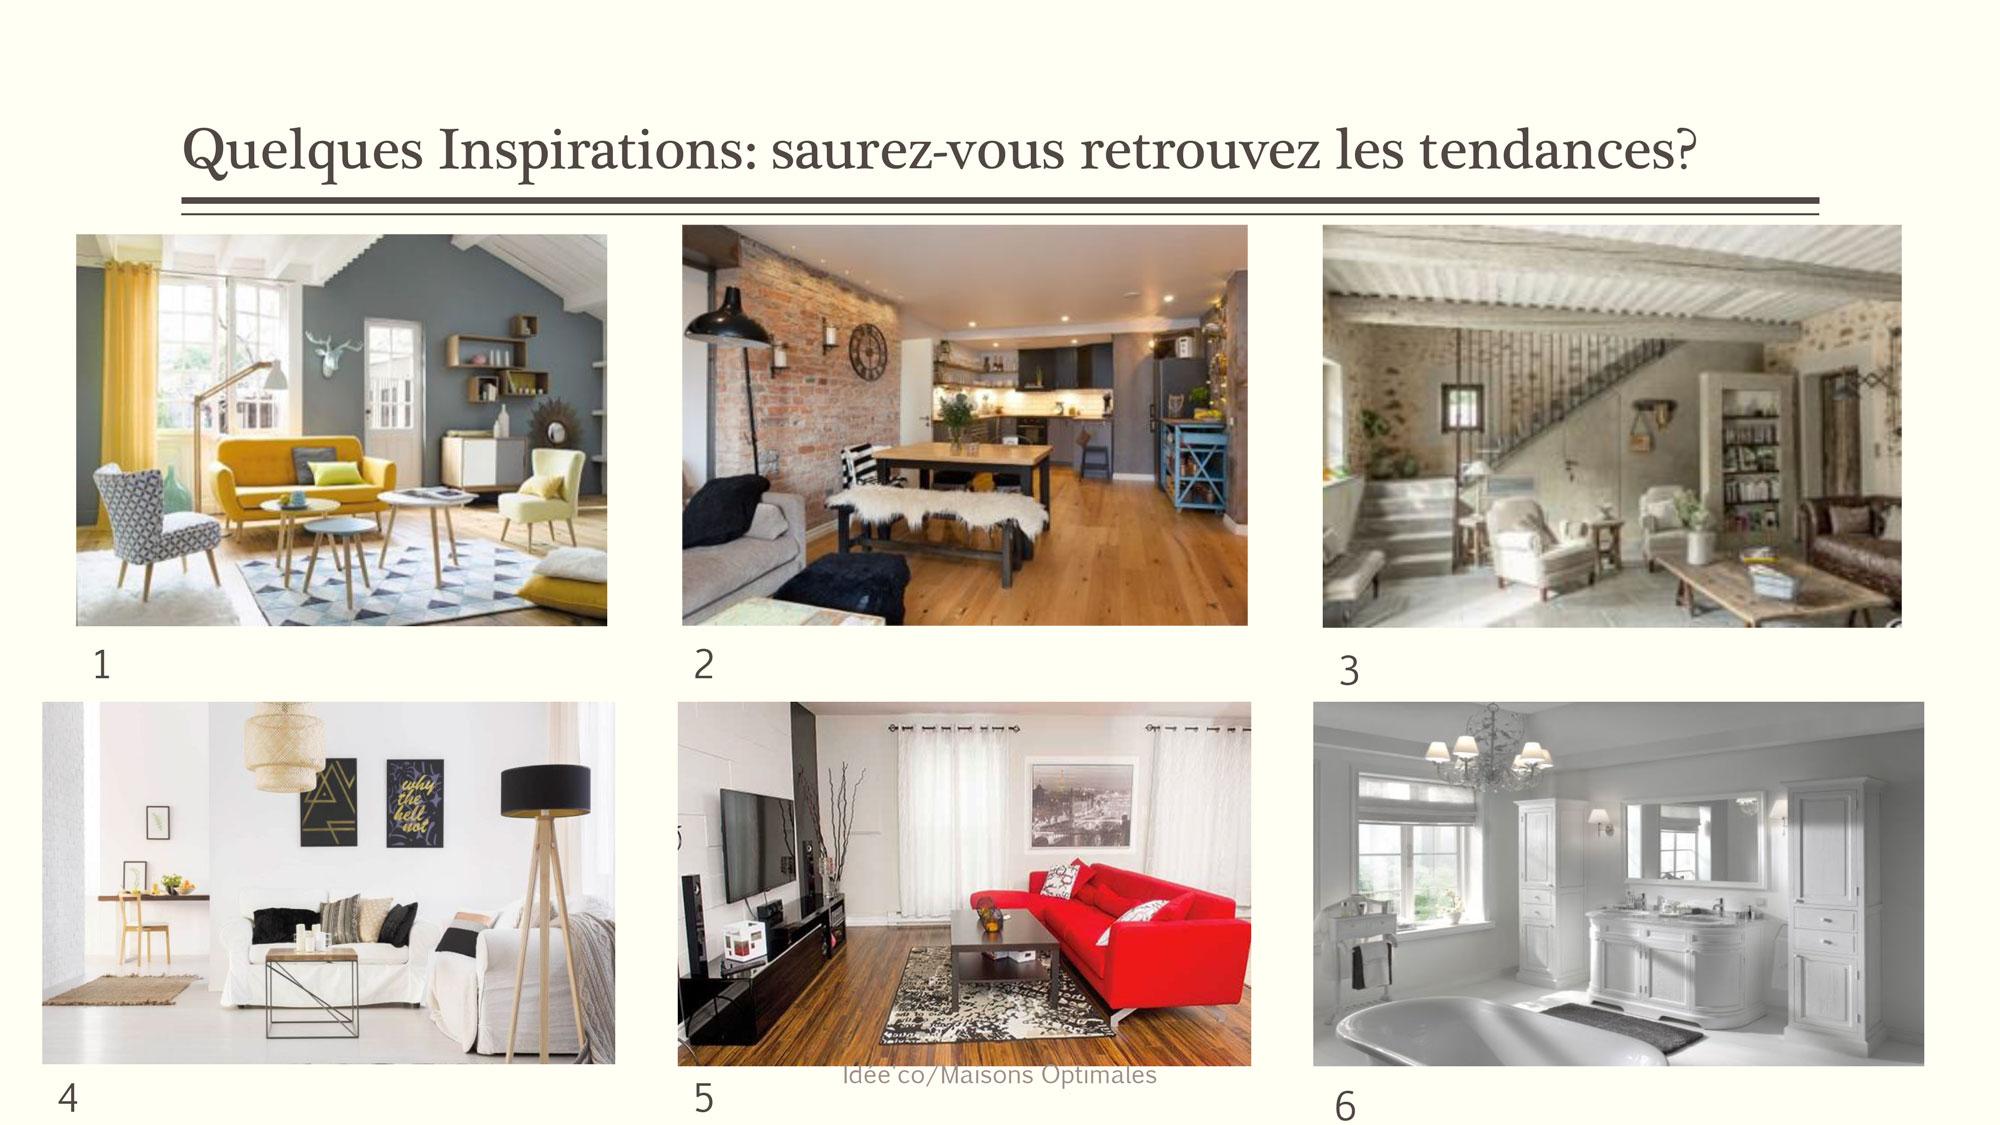 conseil-deco-decoration-couleurs-interieur-amenagement-construction-